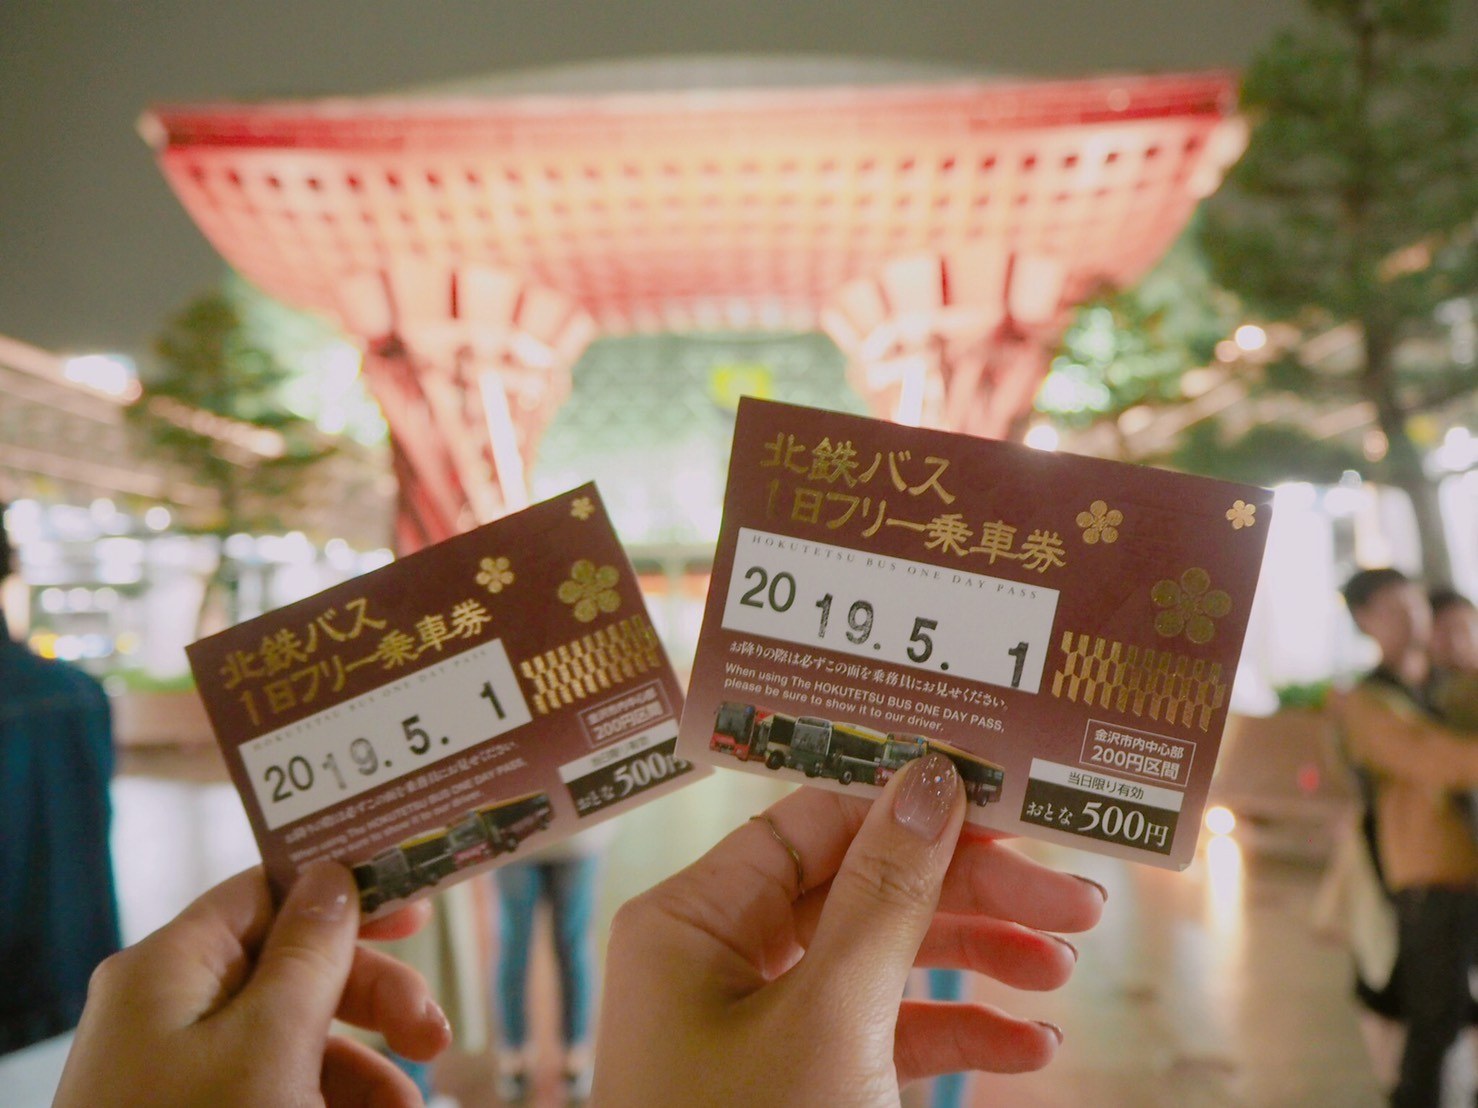 【金沢女子旅】1日目♡着物満喫コース《ひがし茶屋街/兼六園》_1